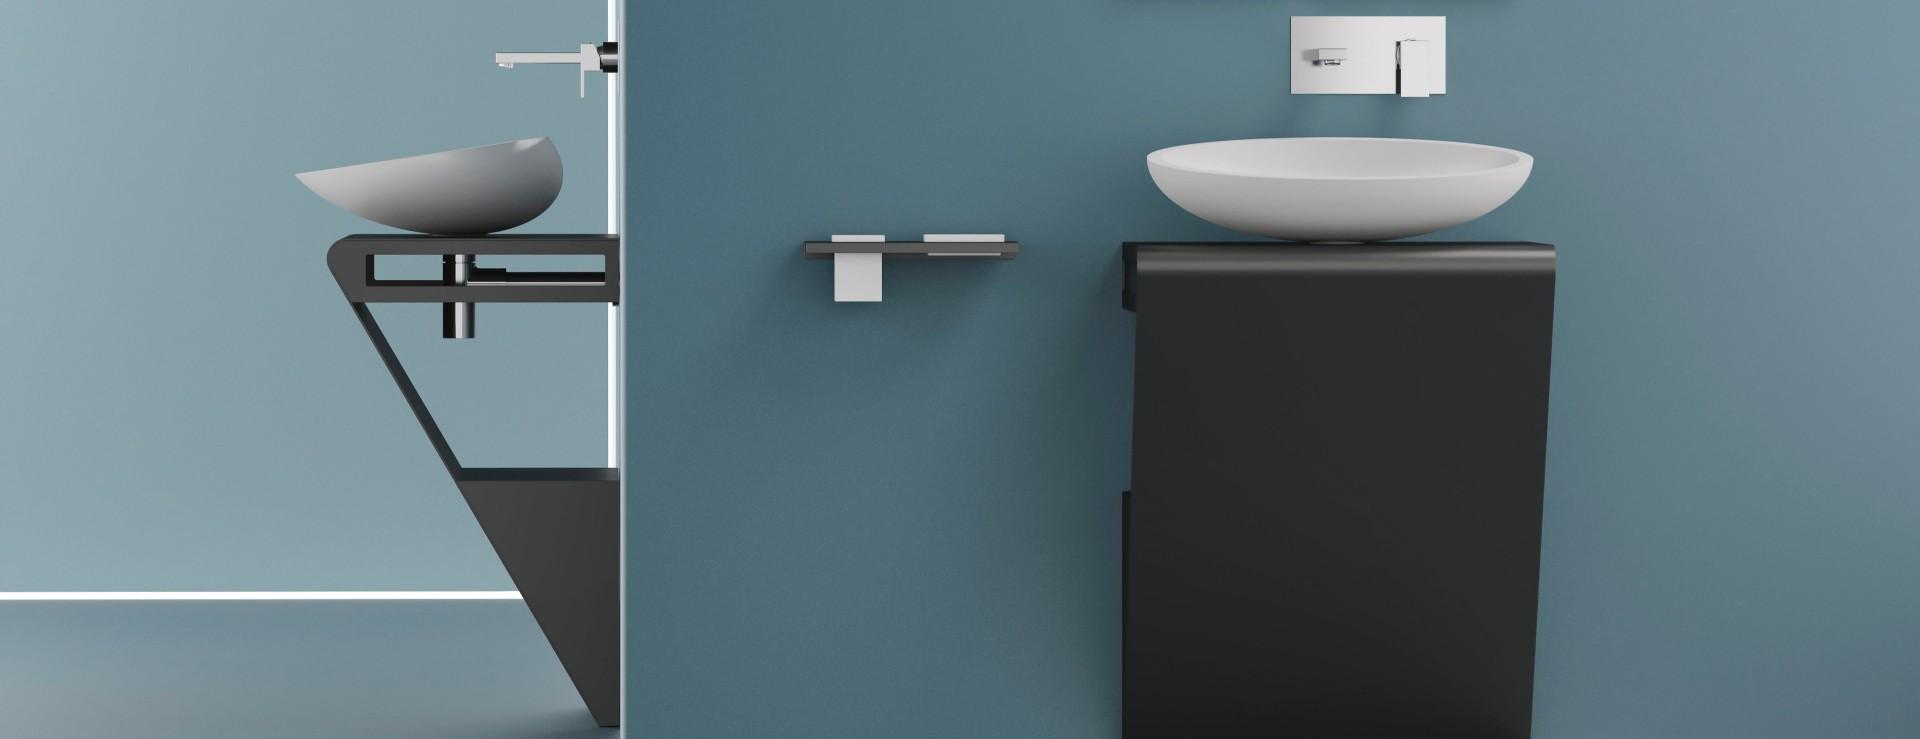 Equipement salle de bain haut de gamme - Mooze la boutique